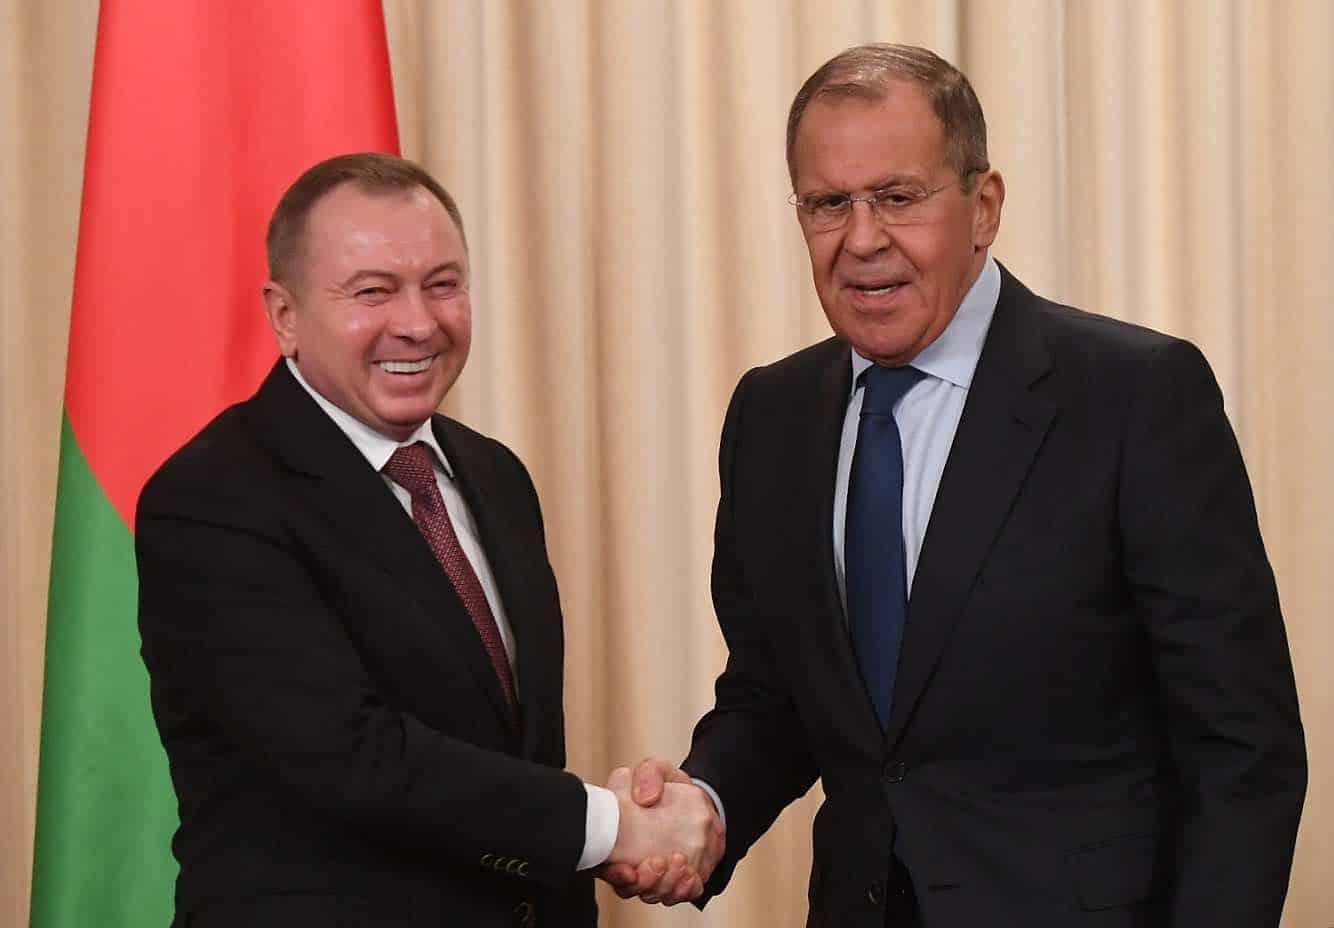 Открытие границы России с Белоруссией запланировано на 29 июня, рассказал глава МИД РФ